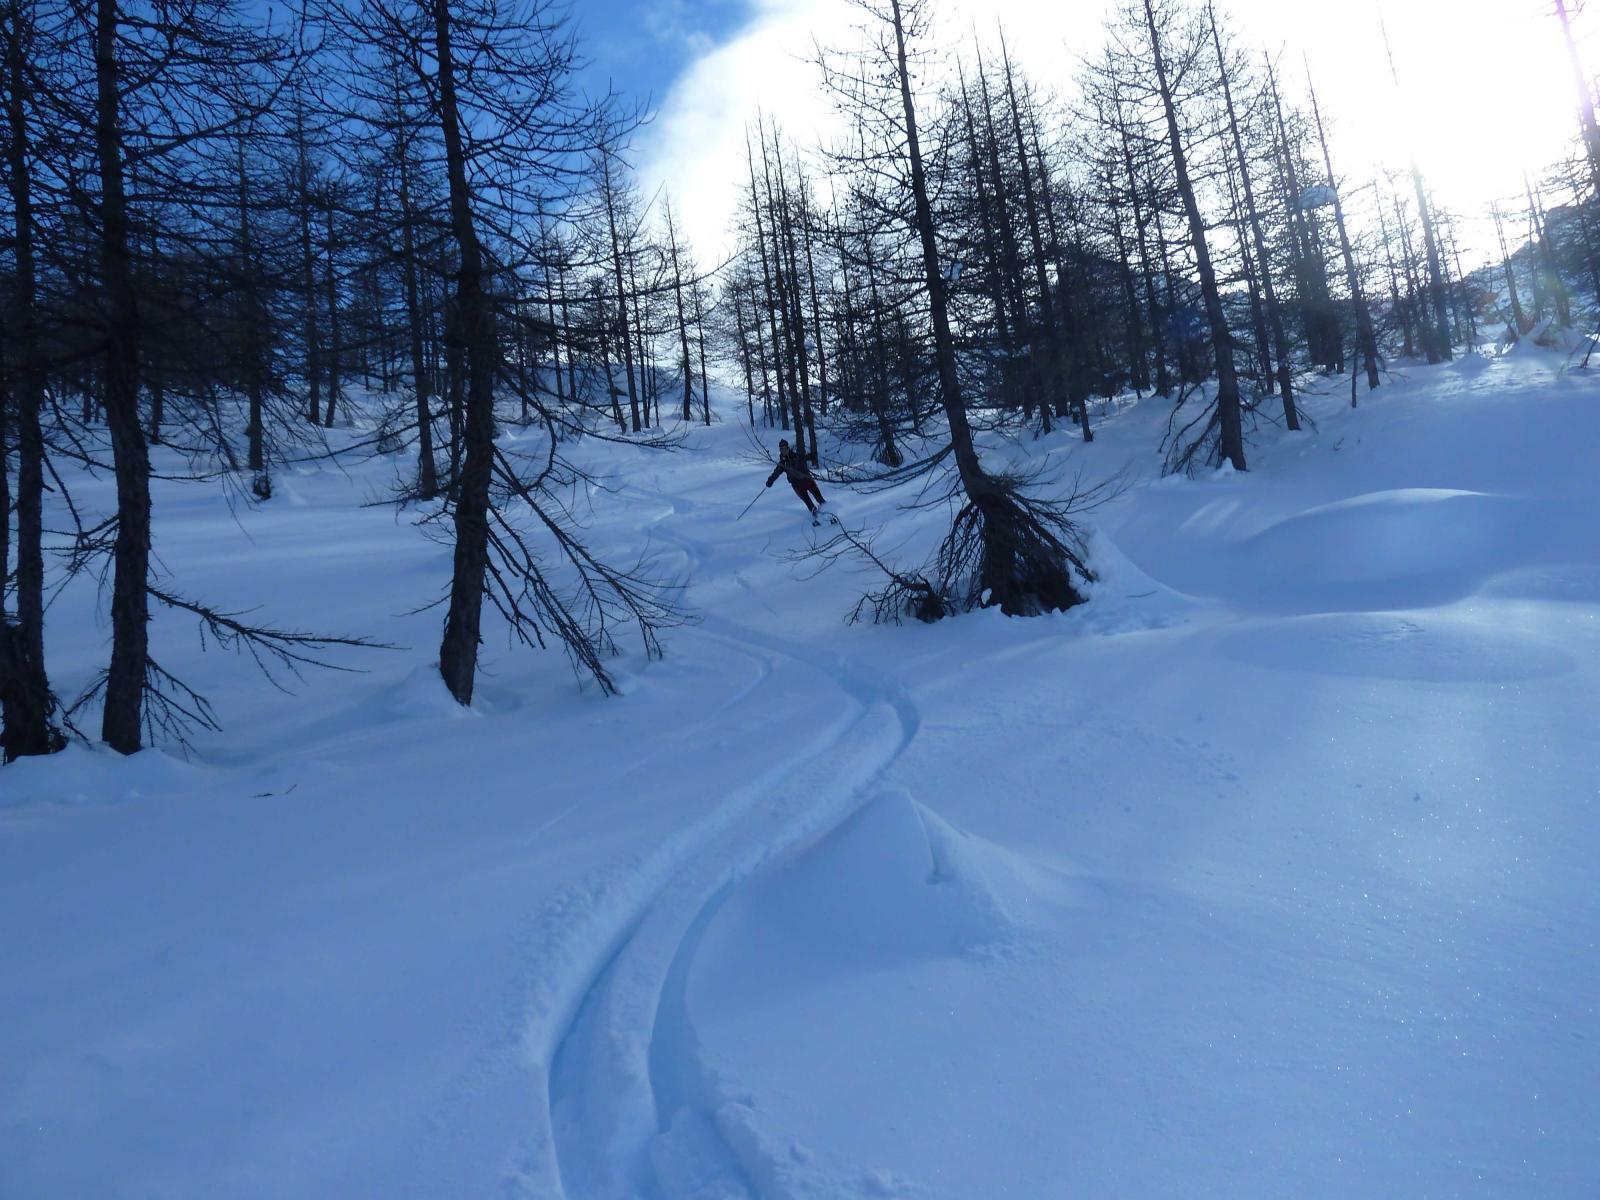 Neve polverosa